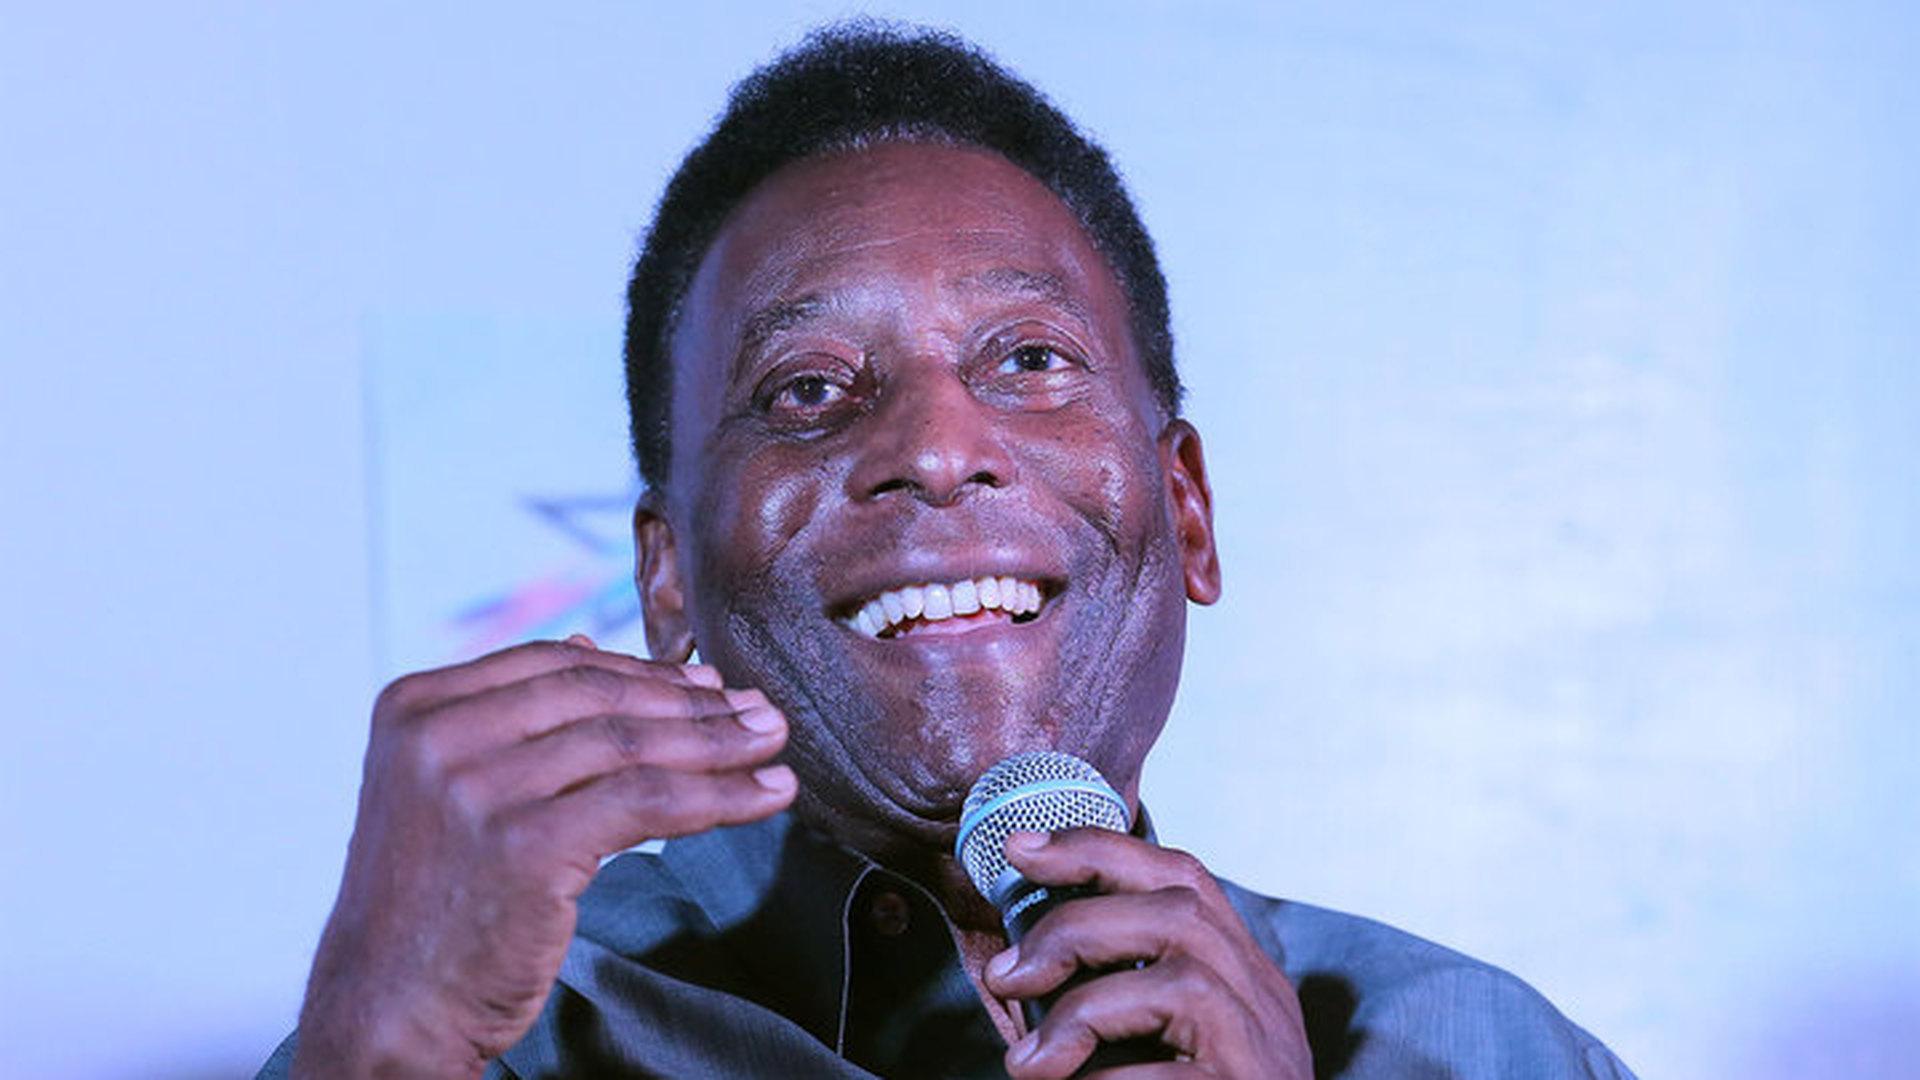 Пеле: если Мбаппе продолжит повторять мои рекорды, то придется вернуться